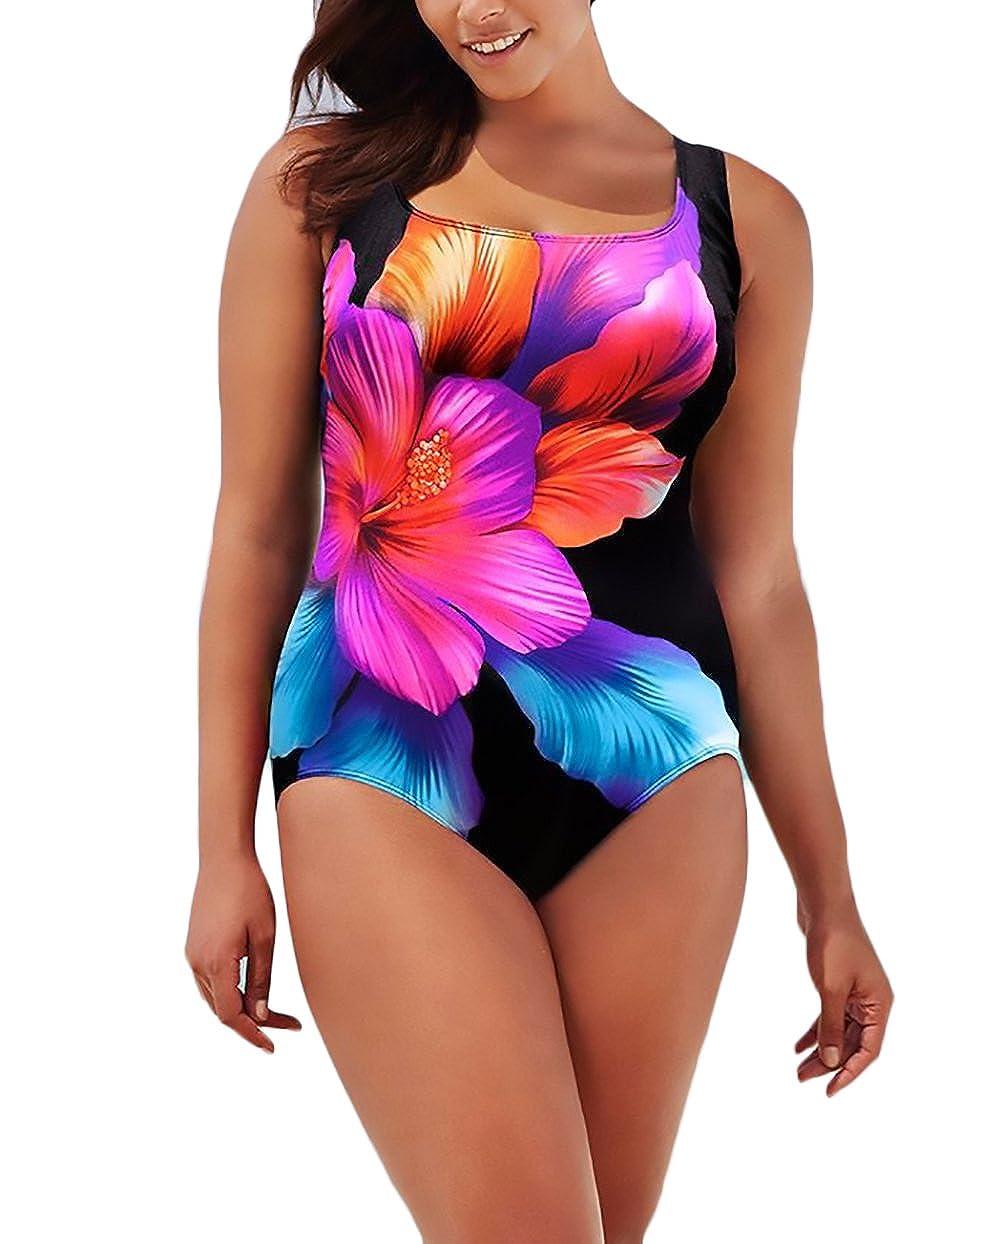 Costumi Interi Donna Taglie Forti Un Pezzo Bikini Estati Moda Stampato Floreale Backless Piscina Costume Da Bagno Plus Size Mare BOLAWOO